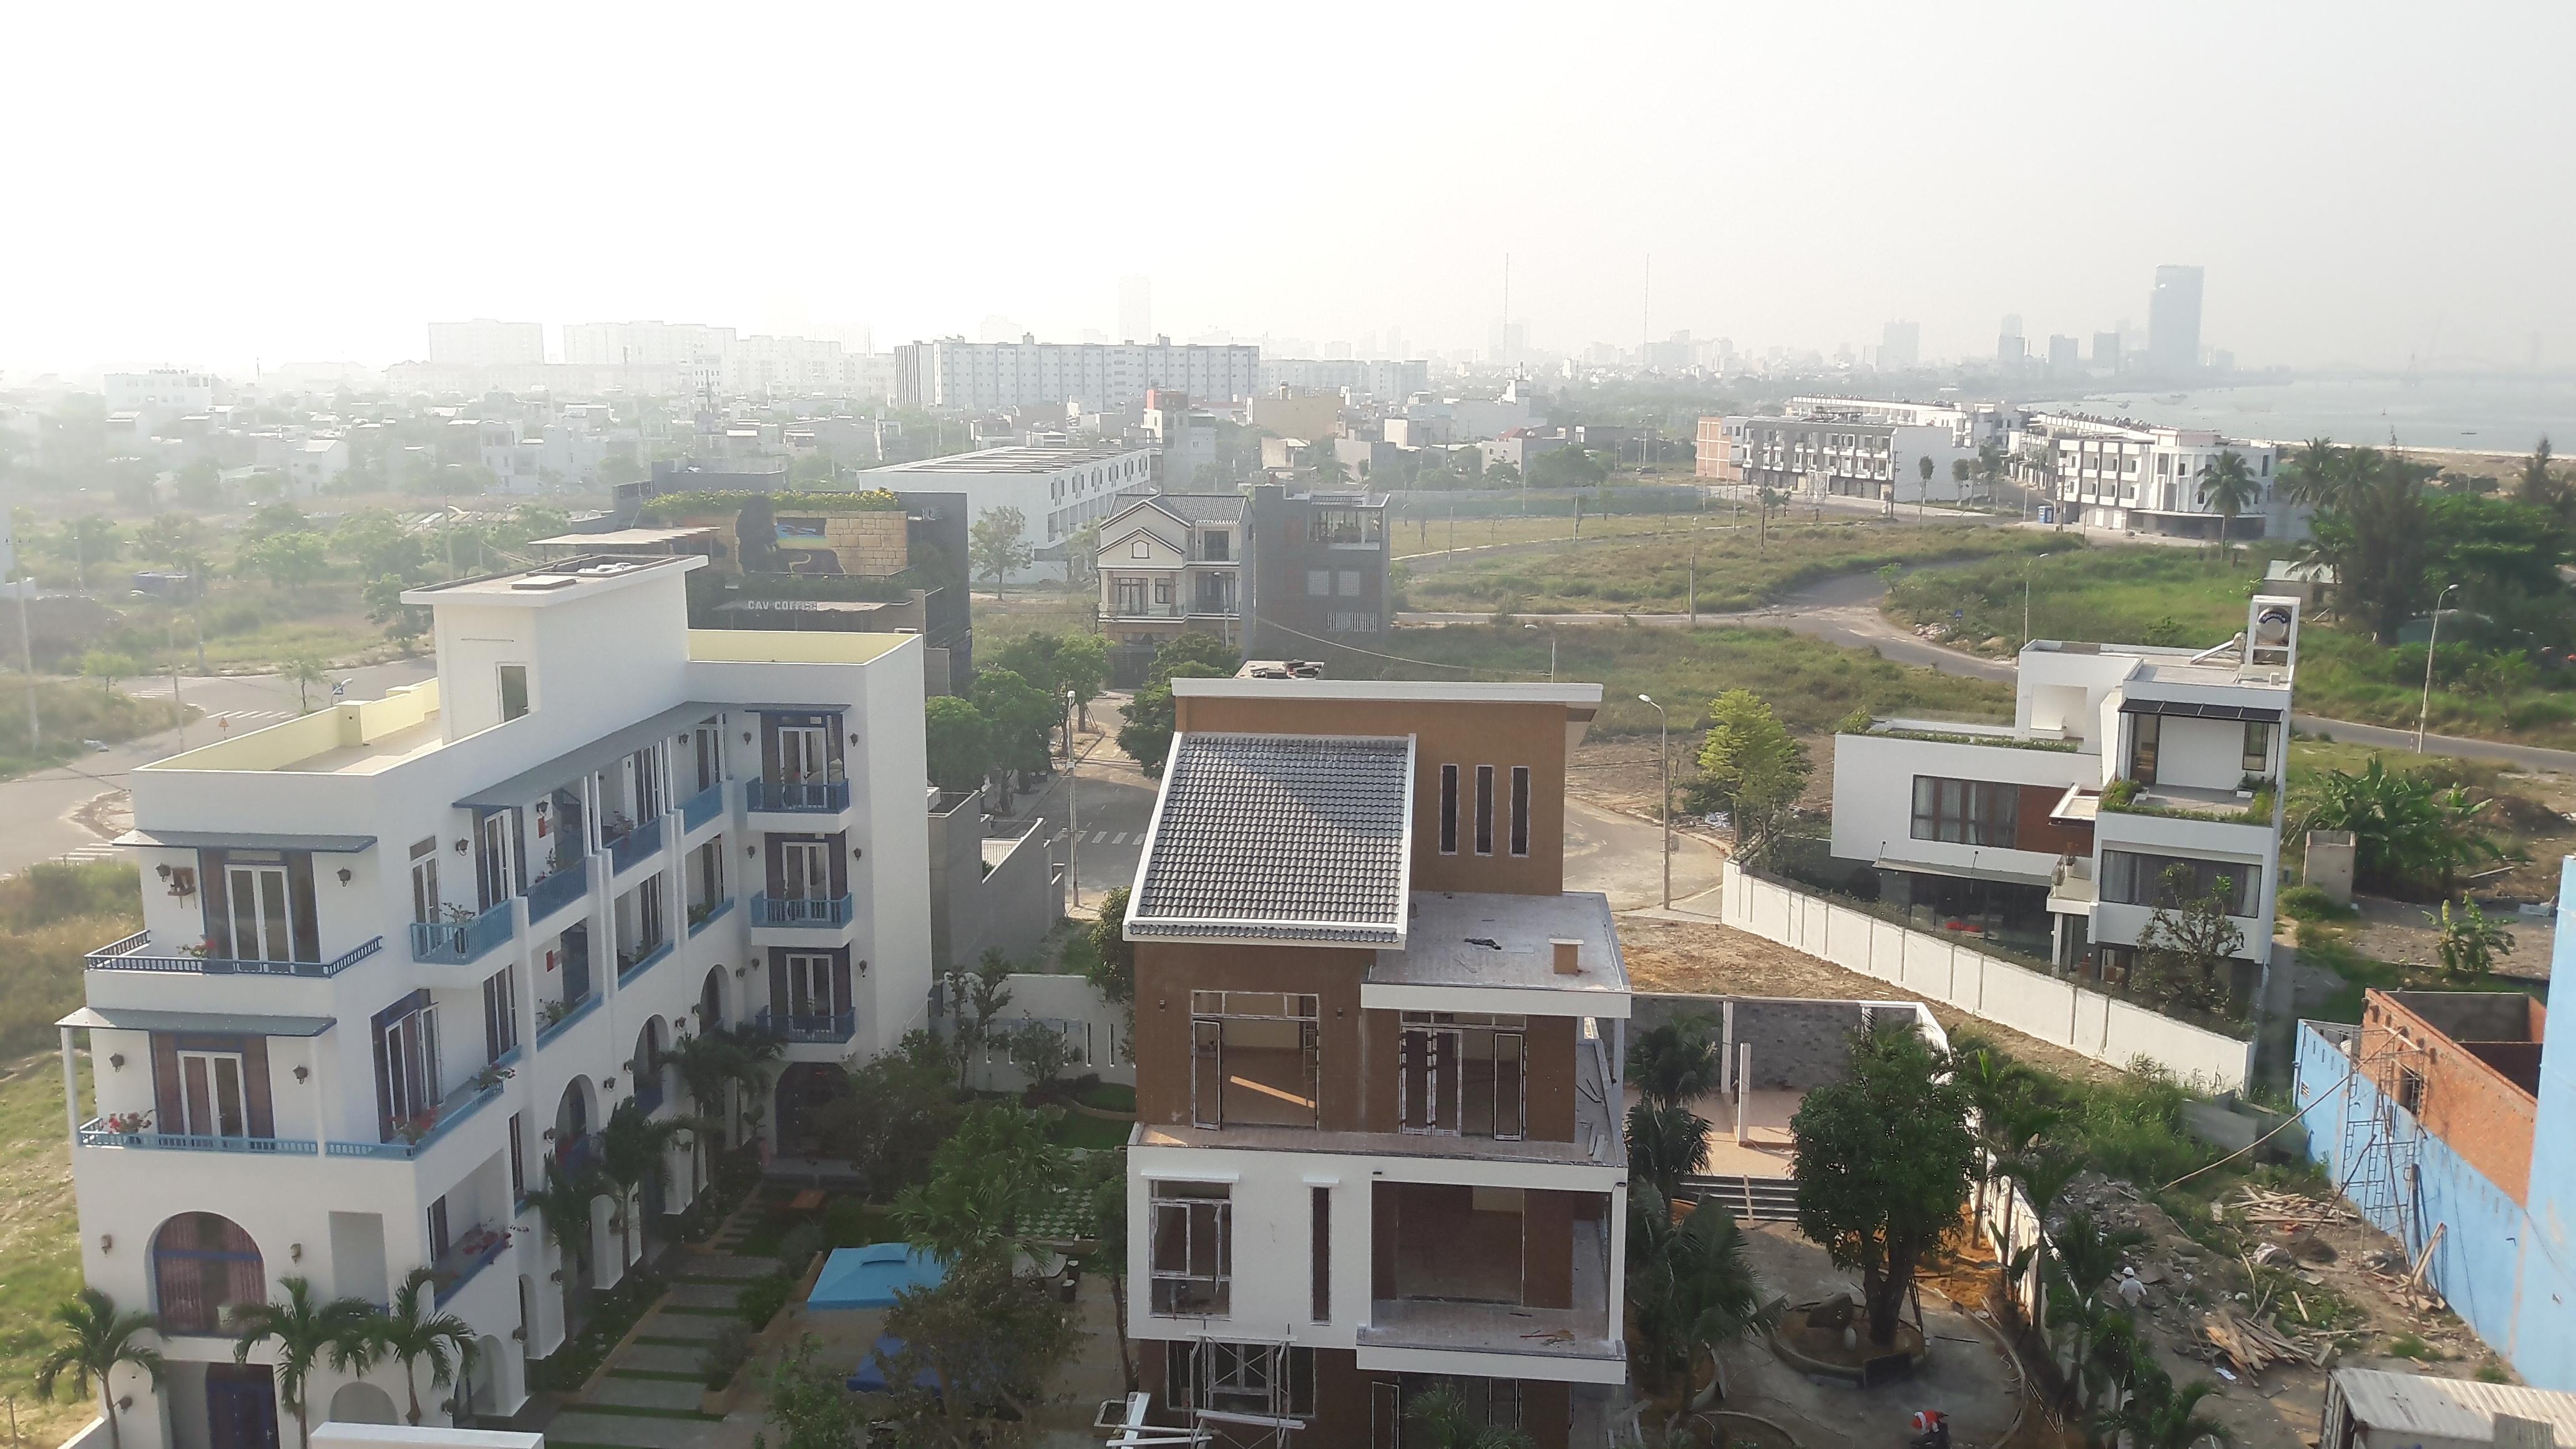 Đà Nẵng dừng đấu giá 'đất vàng' hơn 300 tỉ đồng vì một tin nhắn lạ - Ảnh 1.